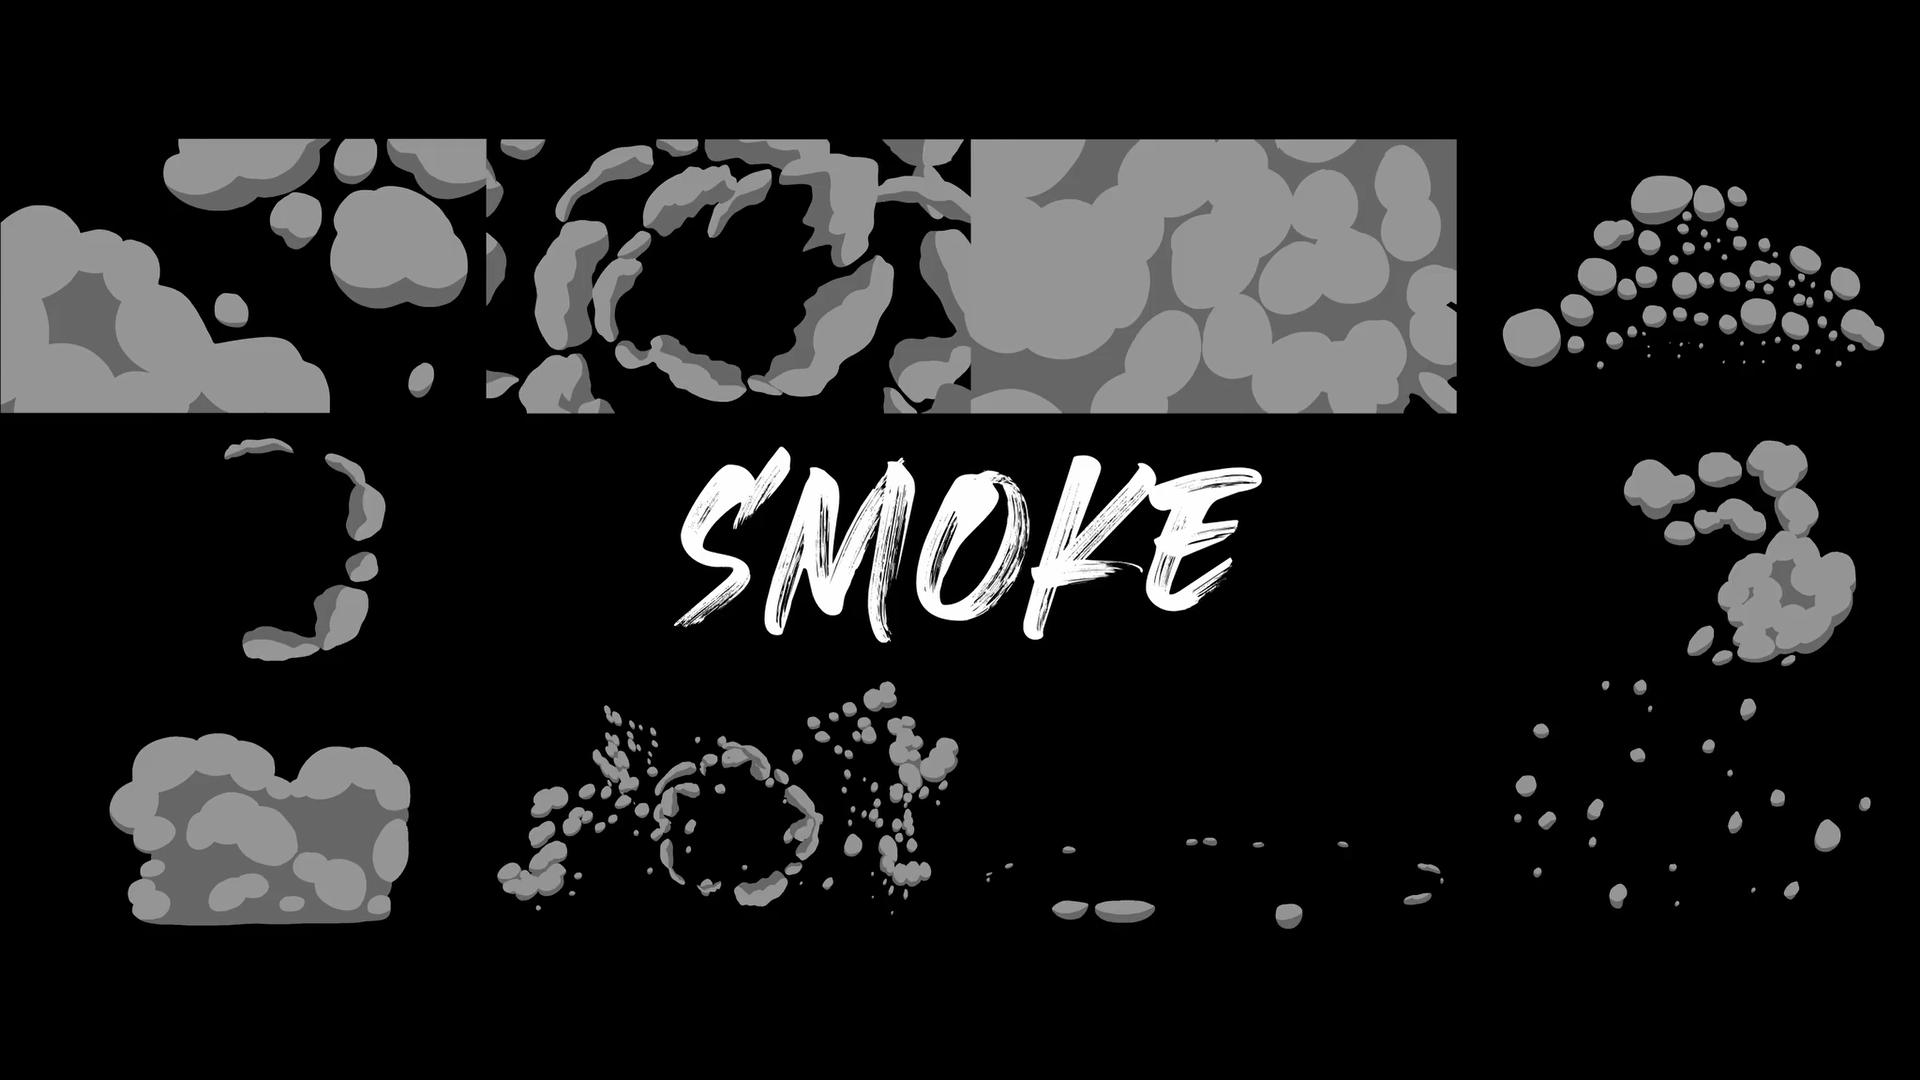 Cinepacks 2d卡通动画爆炸动作水花飞溅火焰效果烟雾缭绕视频素材(4370)插图(5)